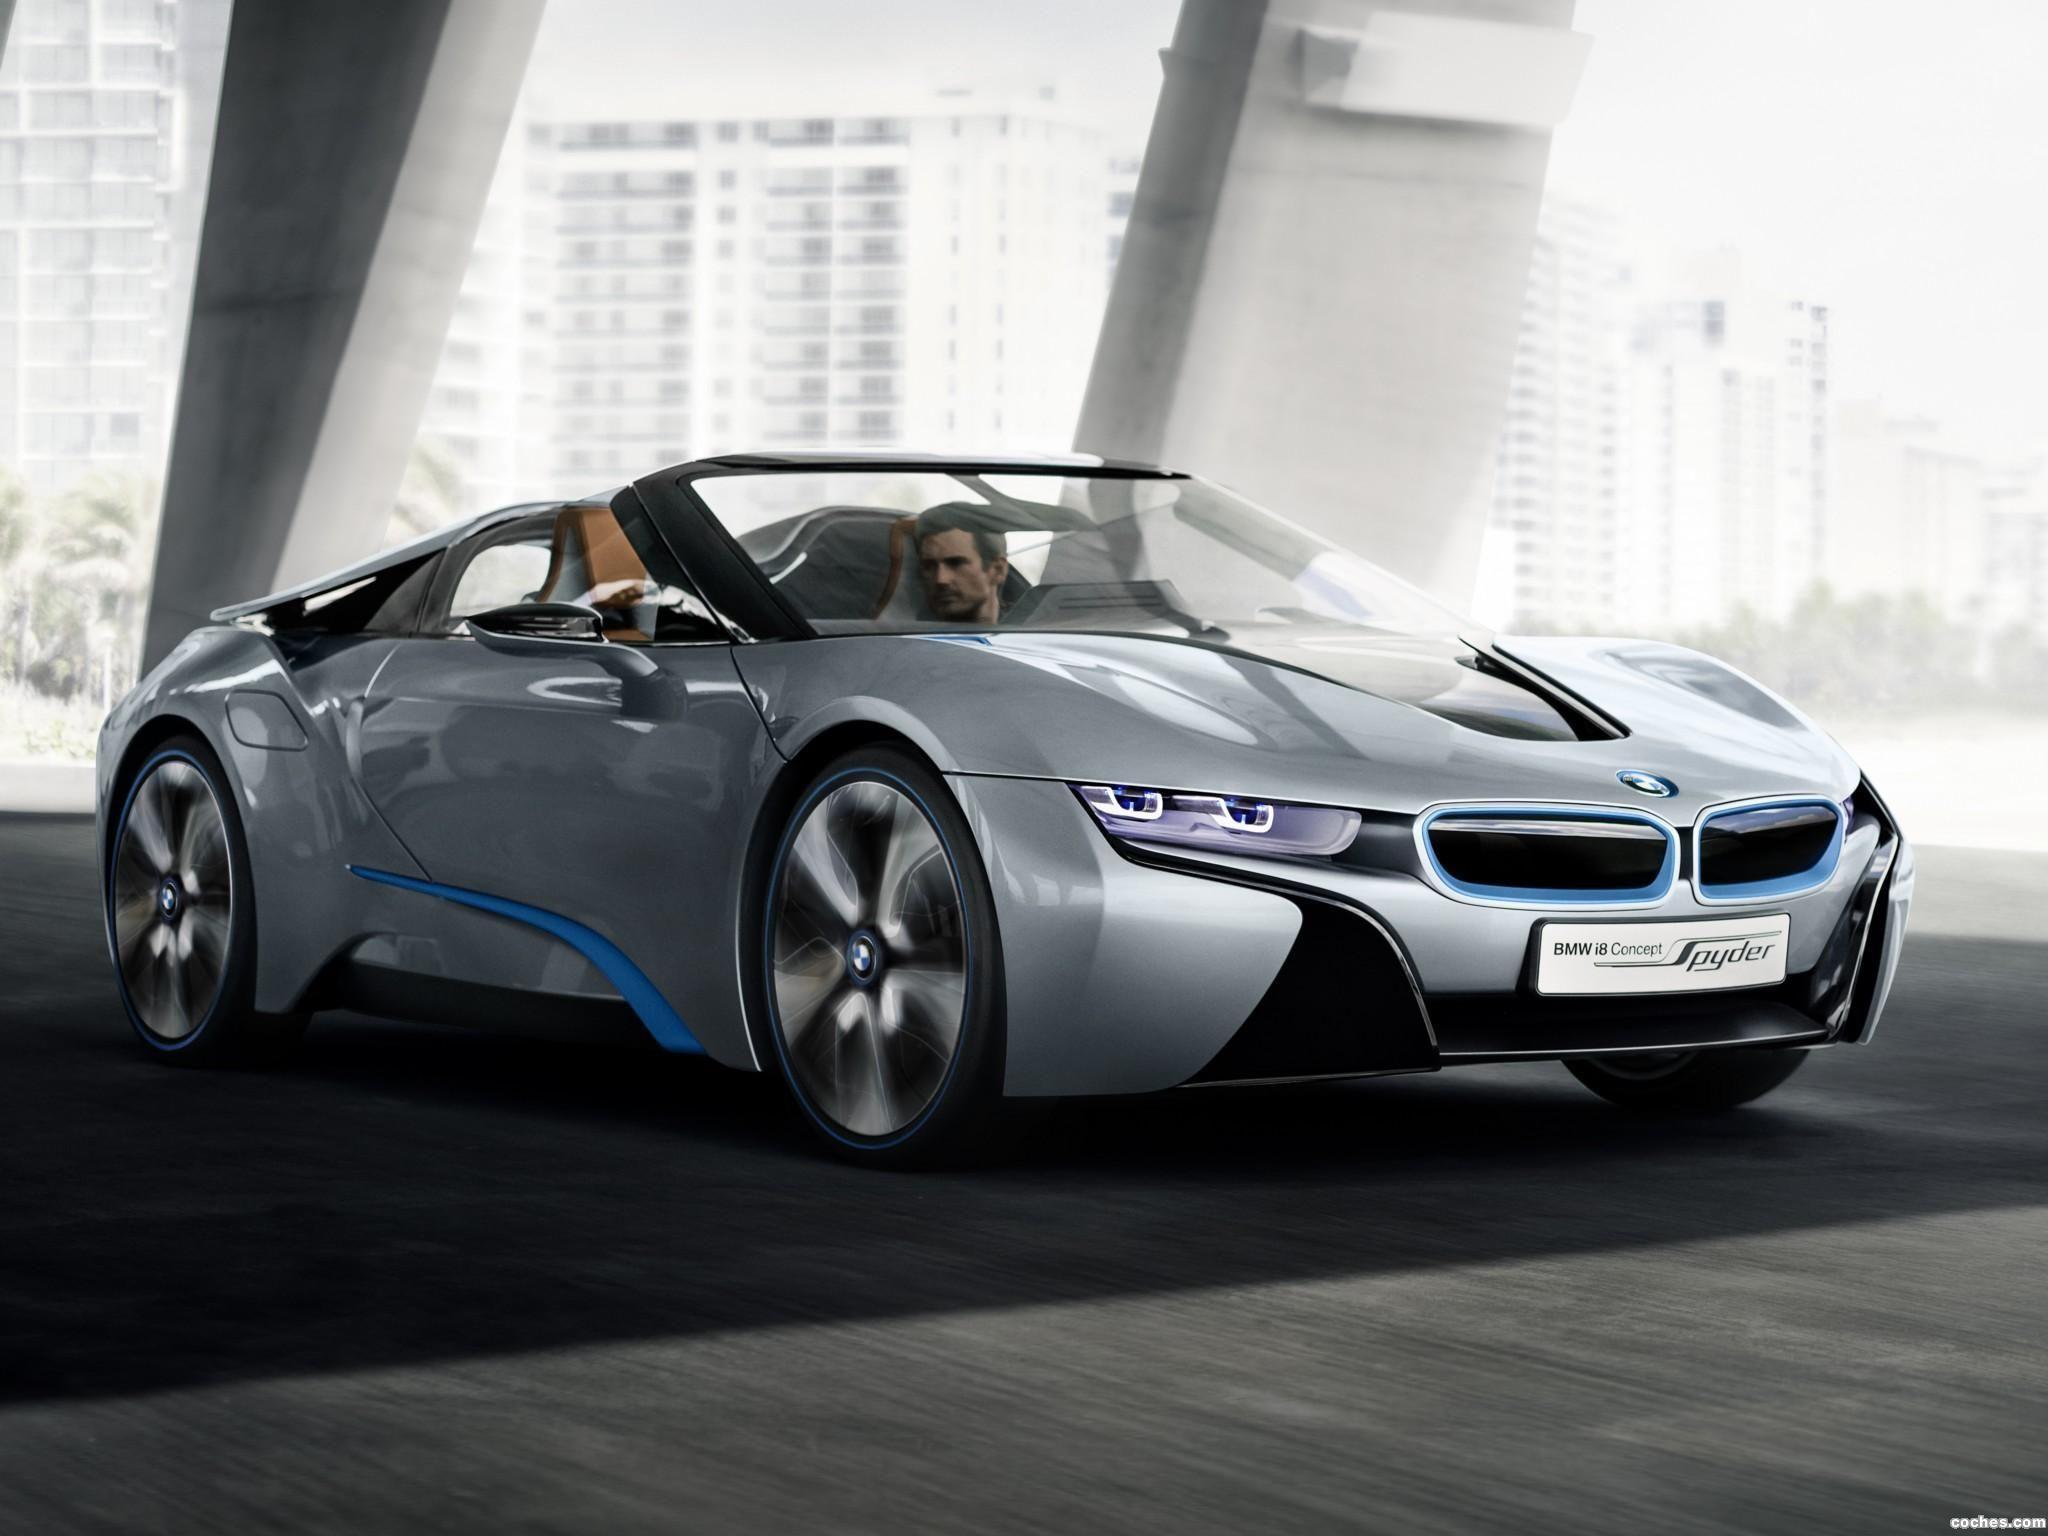 BMW i8 spyder concept 2012 | Bad Bimmers | Pinterest | Bmw i8, BMW ...